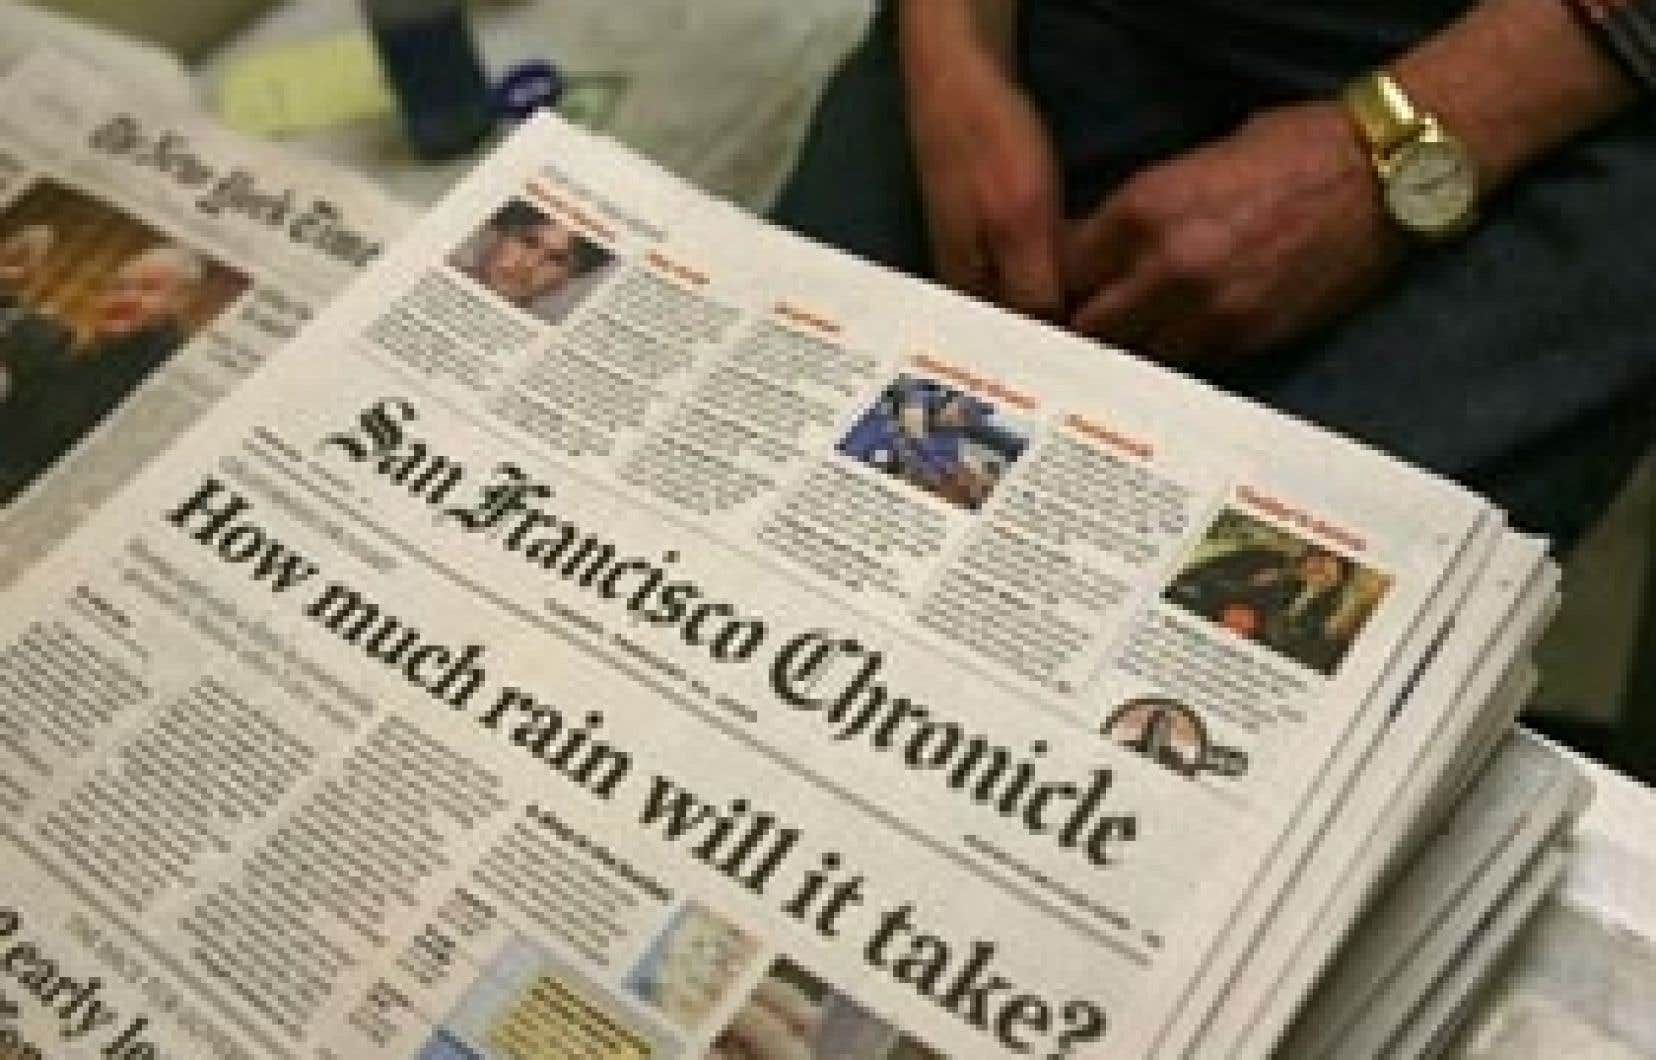 Le San Francisco Chronicle est un autre titre américain prestigieux menacé: le 24février dernier, son propriétaire, Hearst Corporation, annonçait qu'après des pertes de 50millions en 2008, il envisageait de vendre ou de fermer le journal vieu